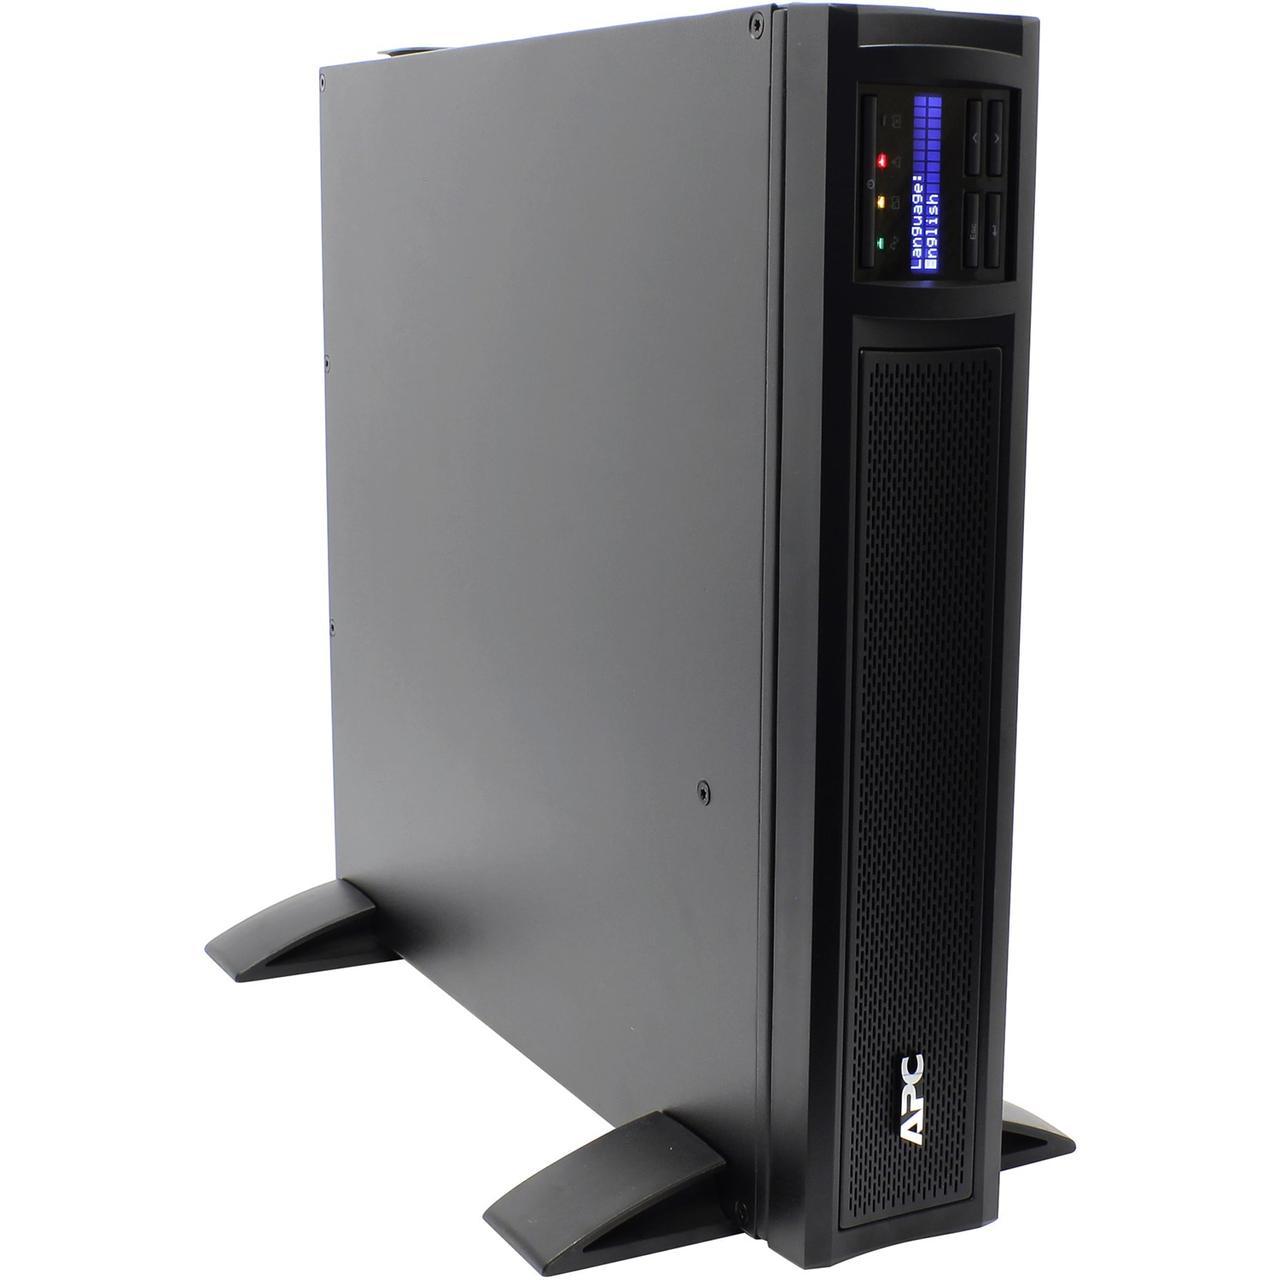 ИБП APC Smart-UPS X 1500VA with Network Card